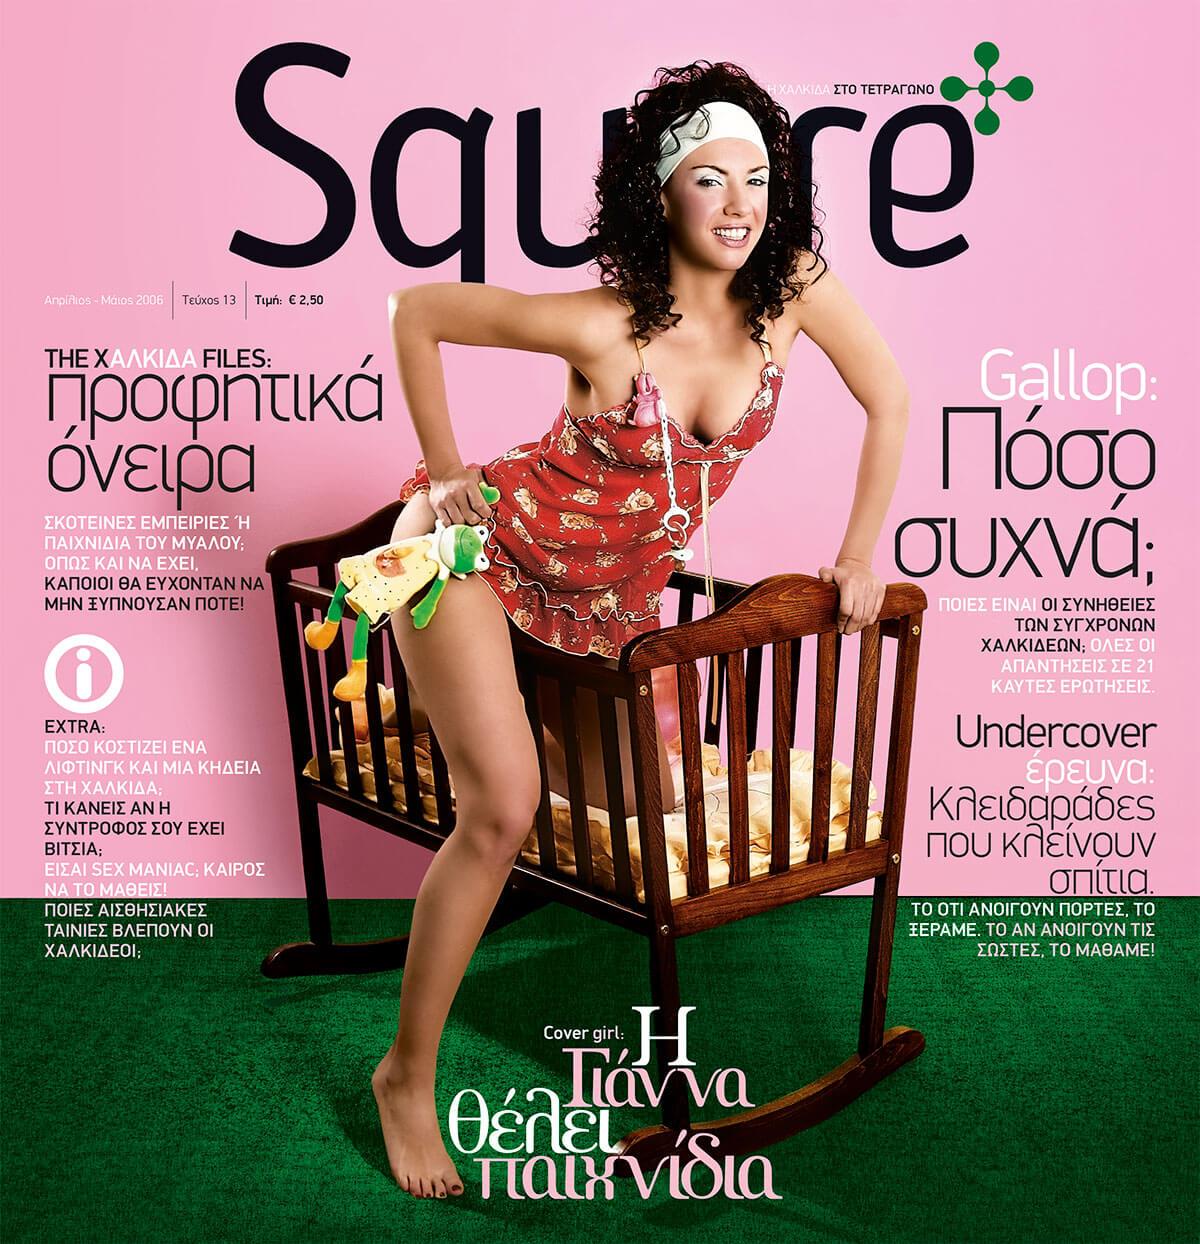 1-Εξώφυλλο-Square-τεύχος-13-Μοντέλο-Γιάννα-Χατζημιχάλη